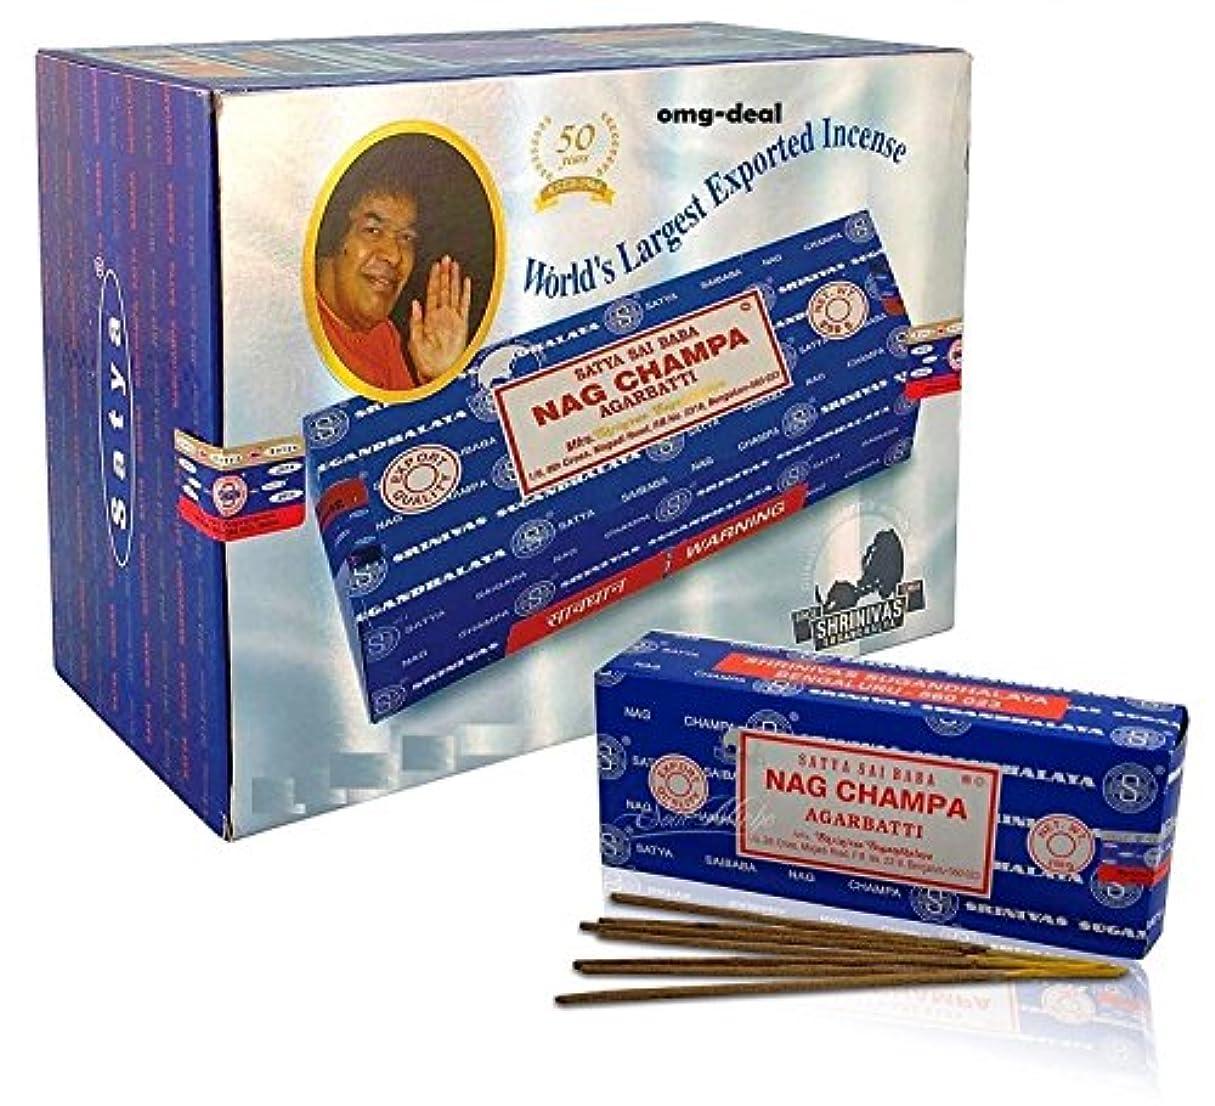 価格ビルダー自転車Satya Sai Baba Nag Champa 1000 Gram Incense Sticks Agarbatti